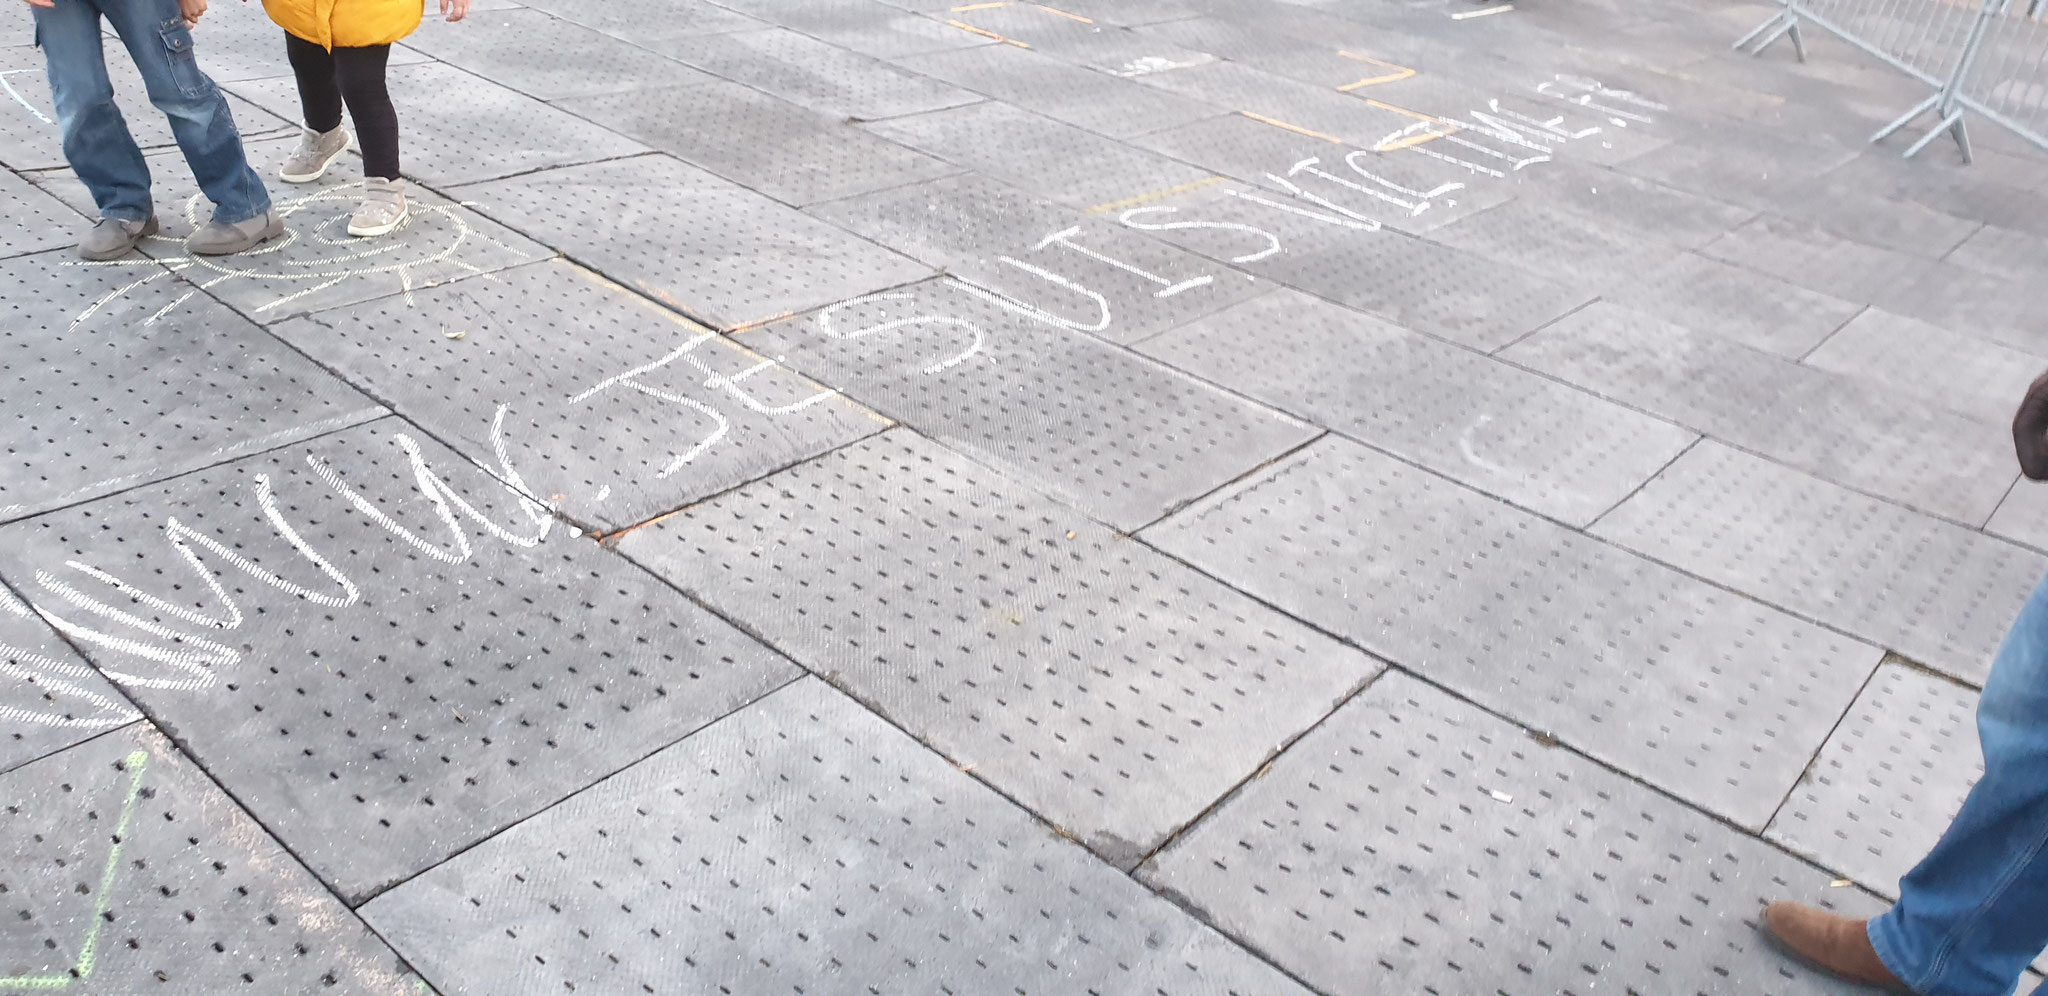 Le 29 Janvier 2020 à Saint-Quentin (02) Place de l'Hôtel de Ville